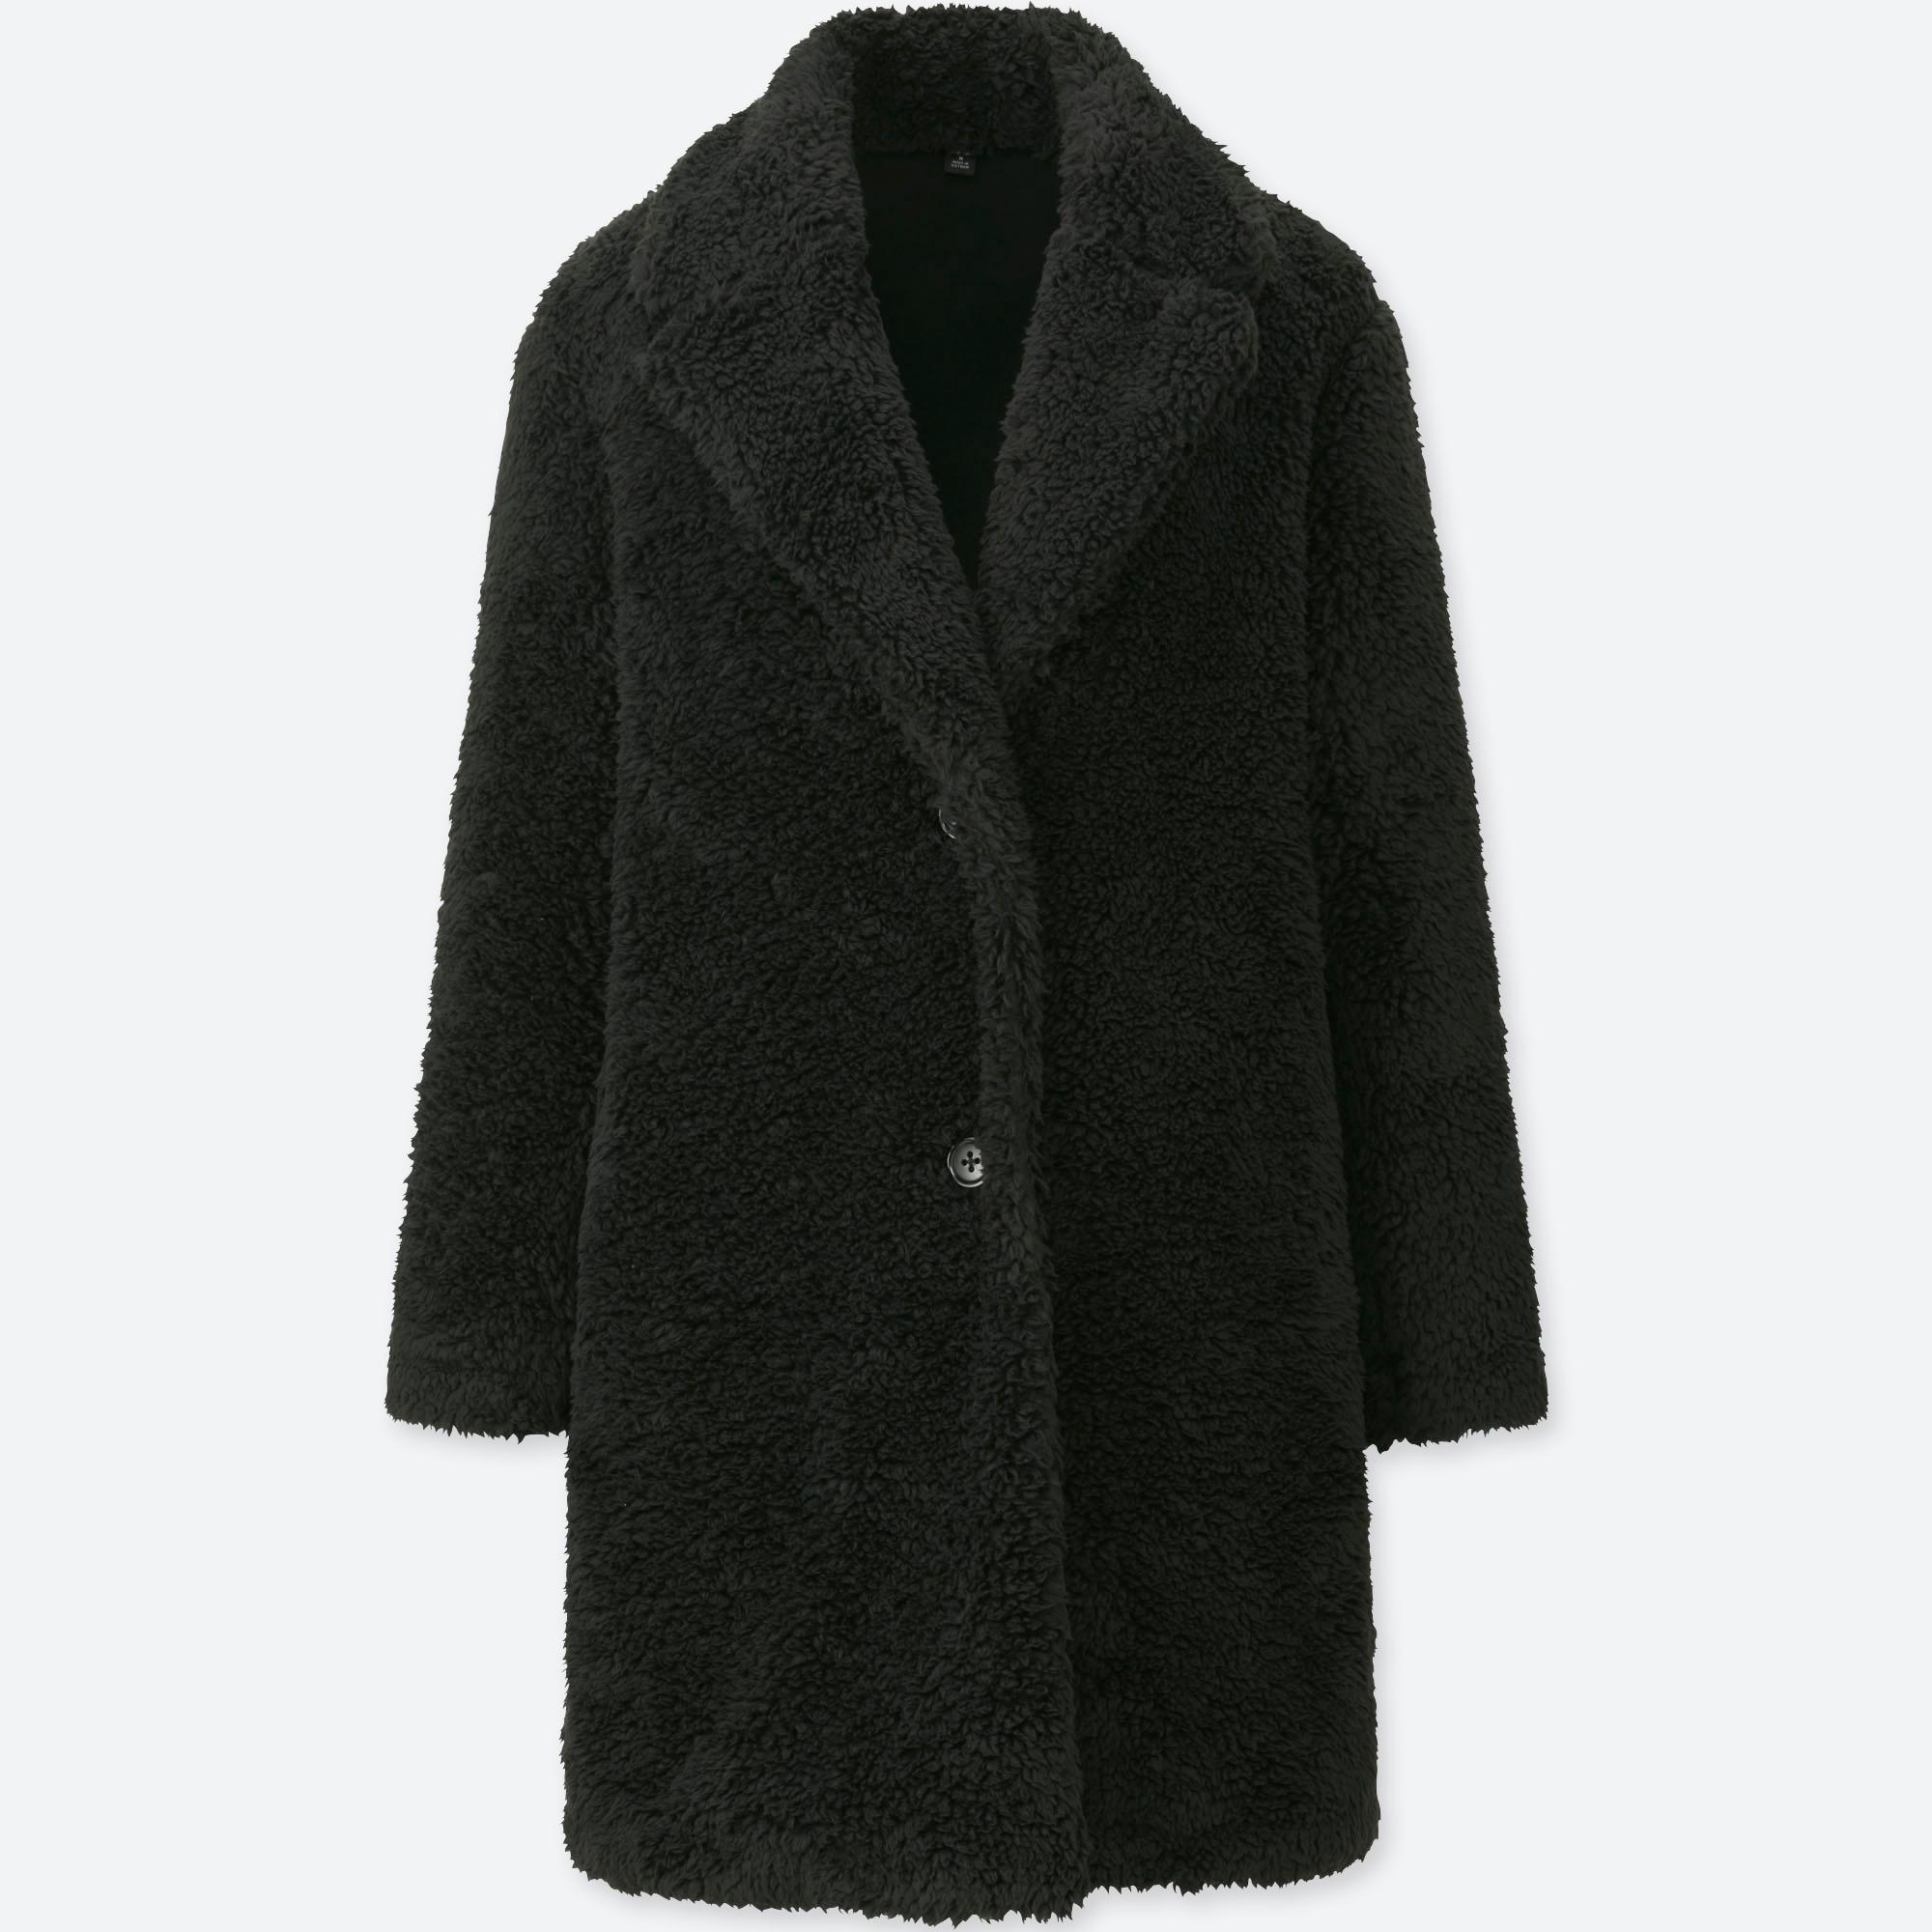 Uniqlo Fleece Coat